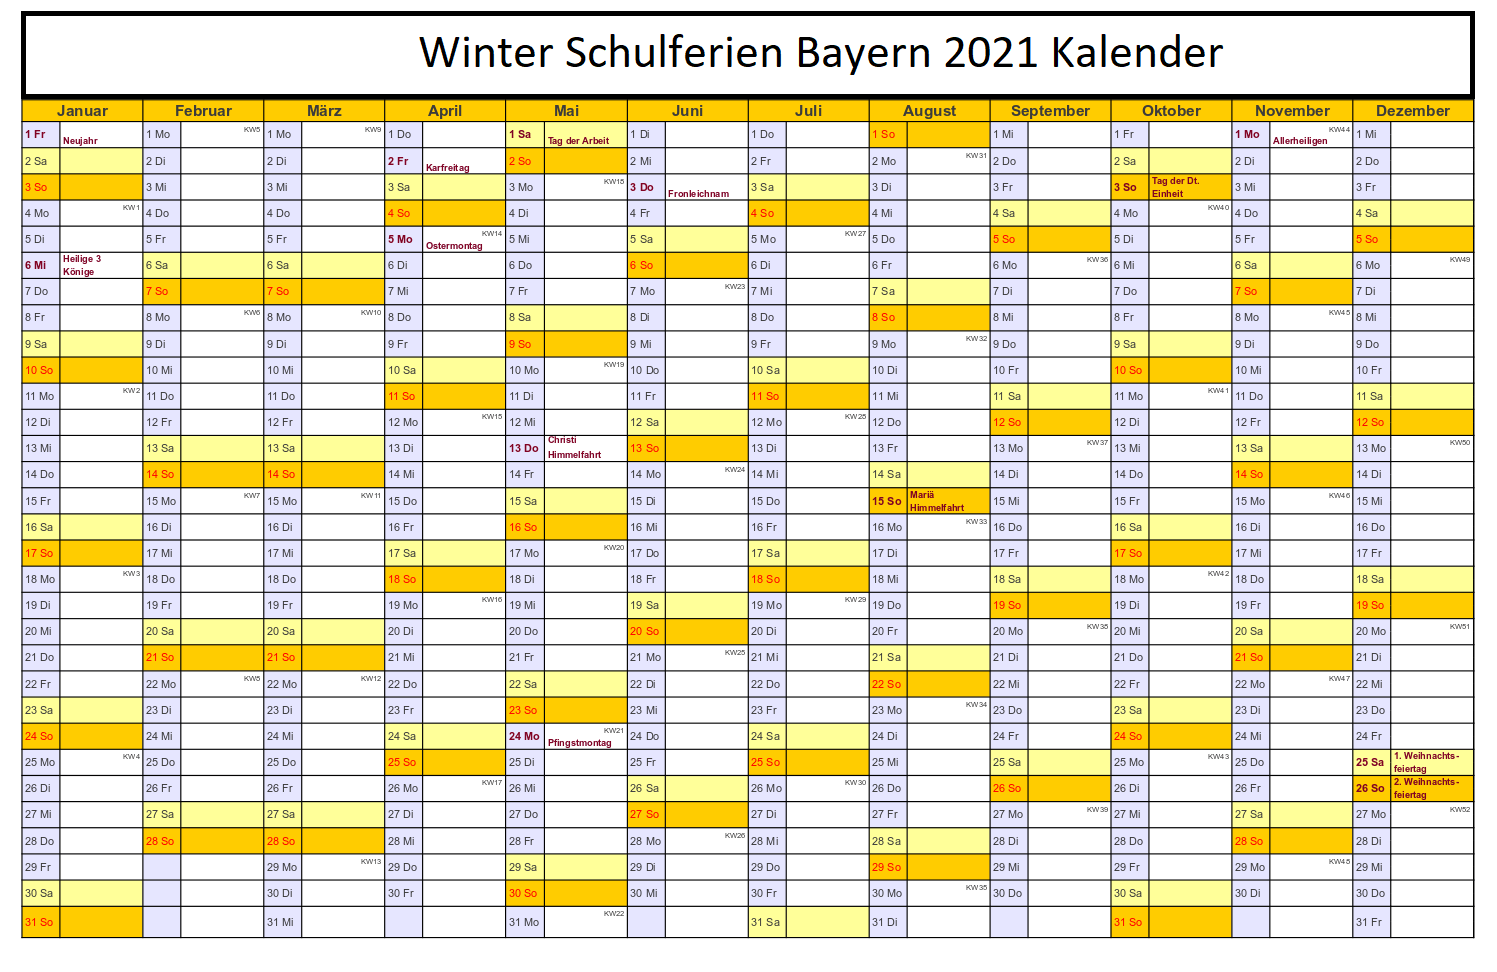 Winter Schulferien Bayern 2021 Kalender